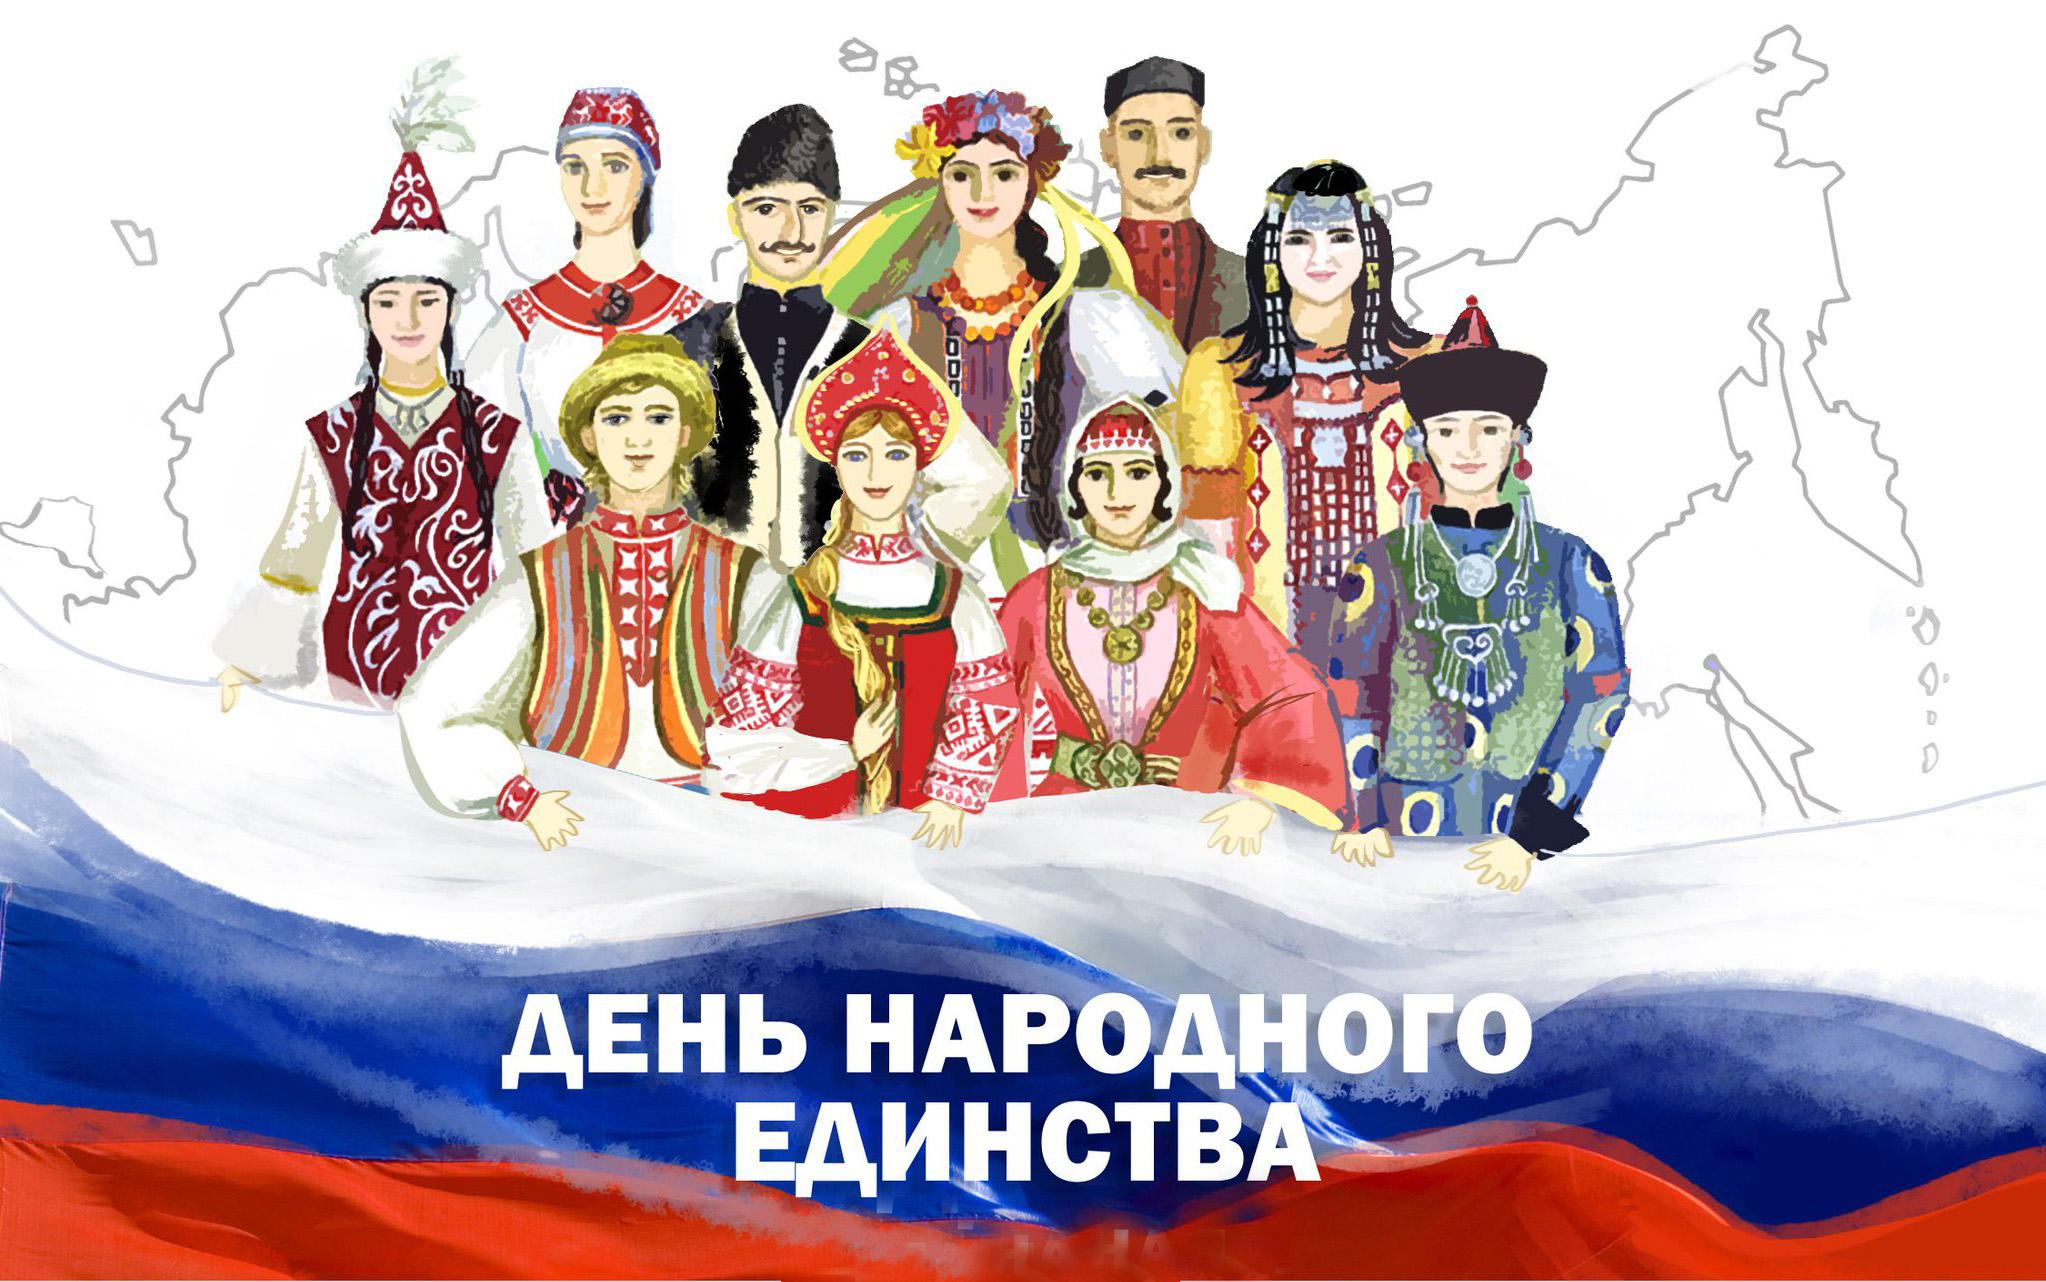 День народного единства картинки для школьников